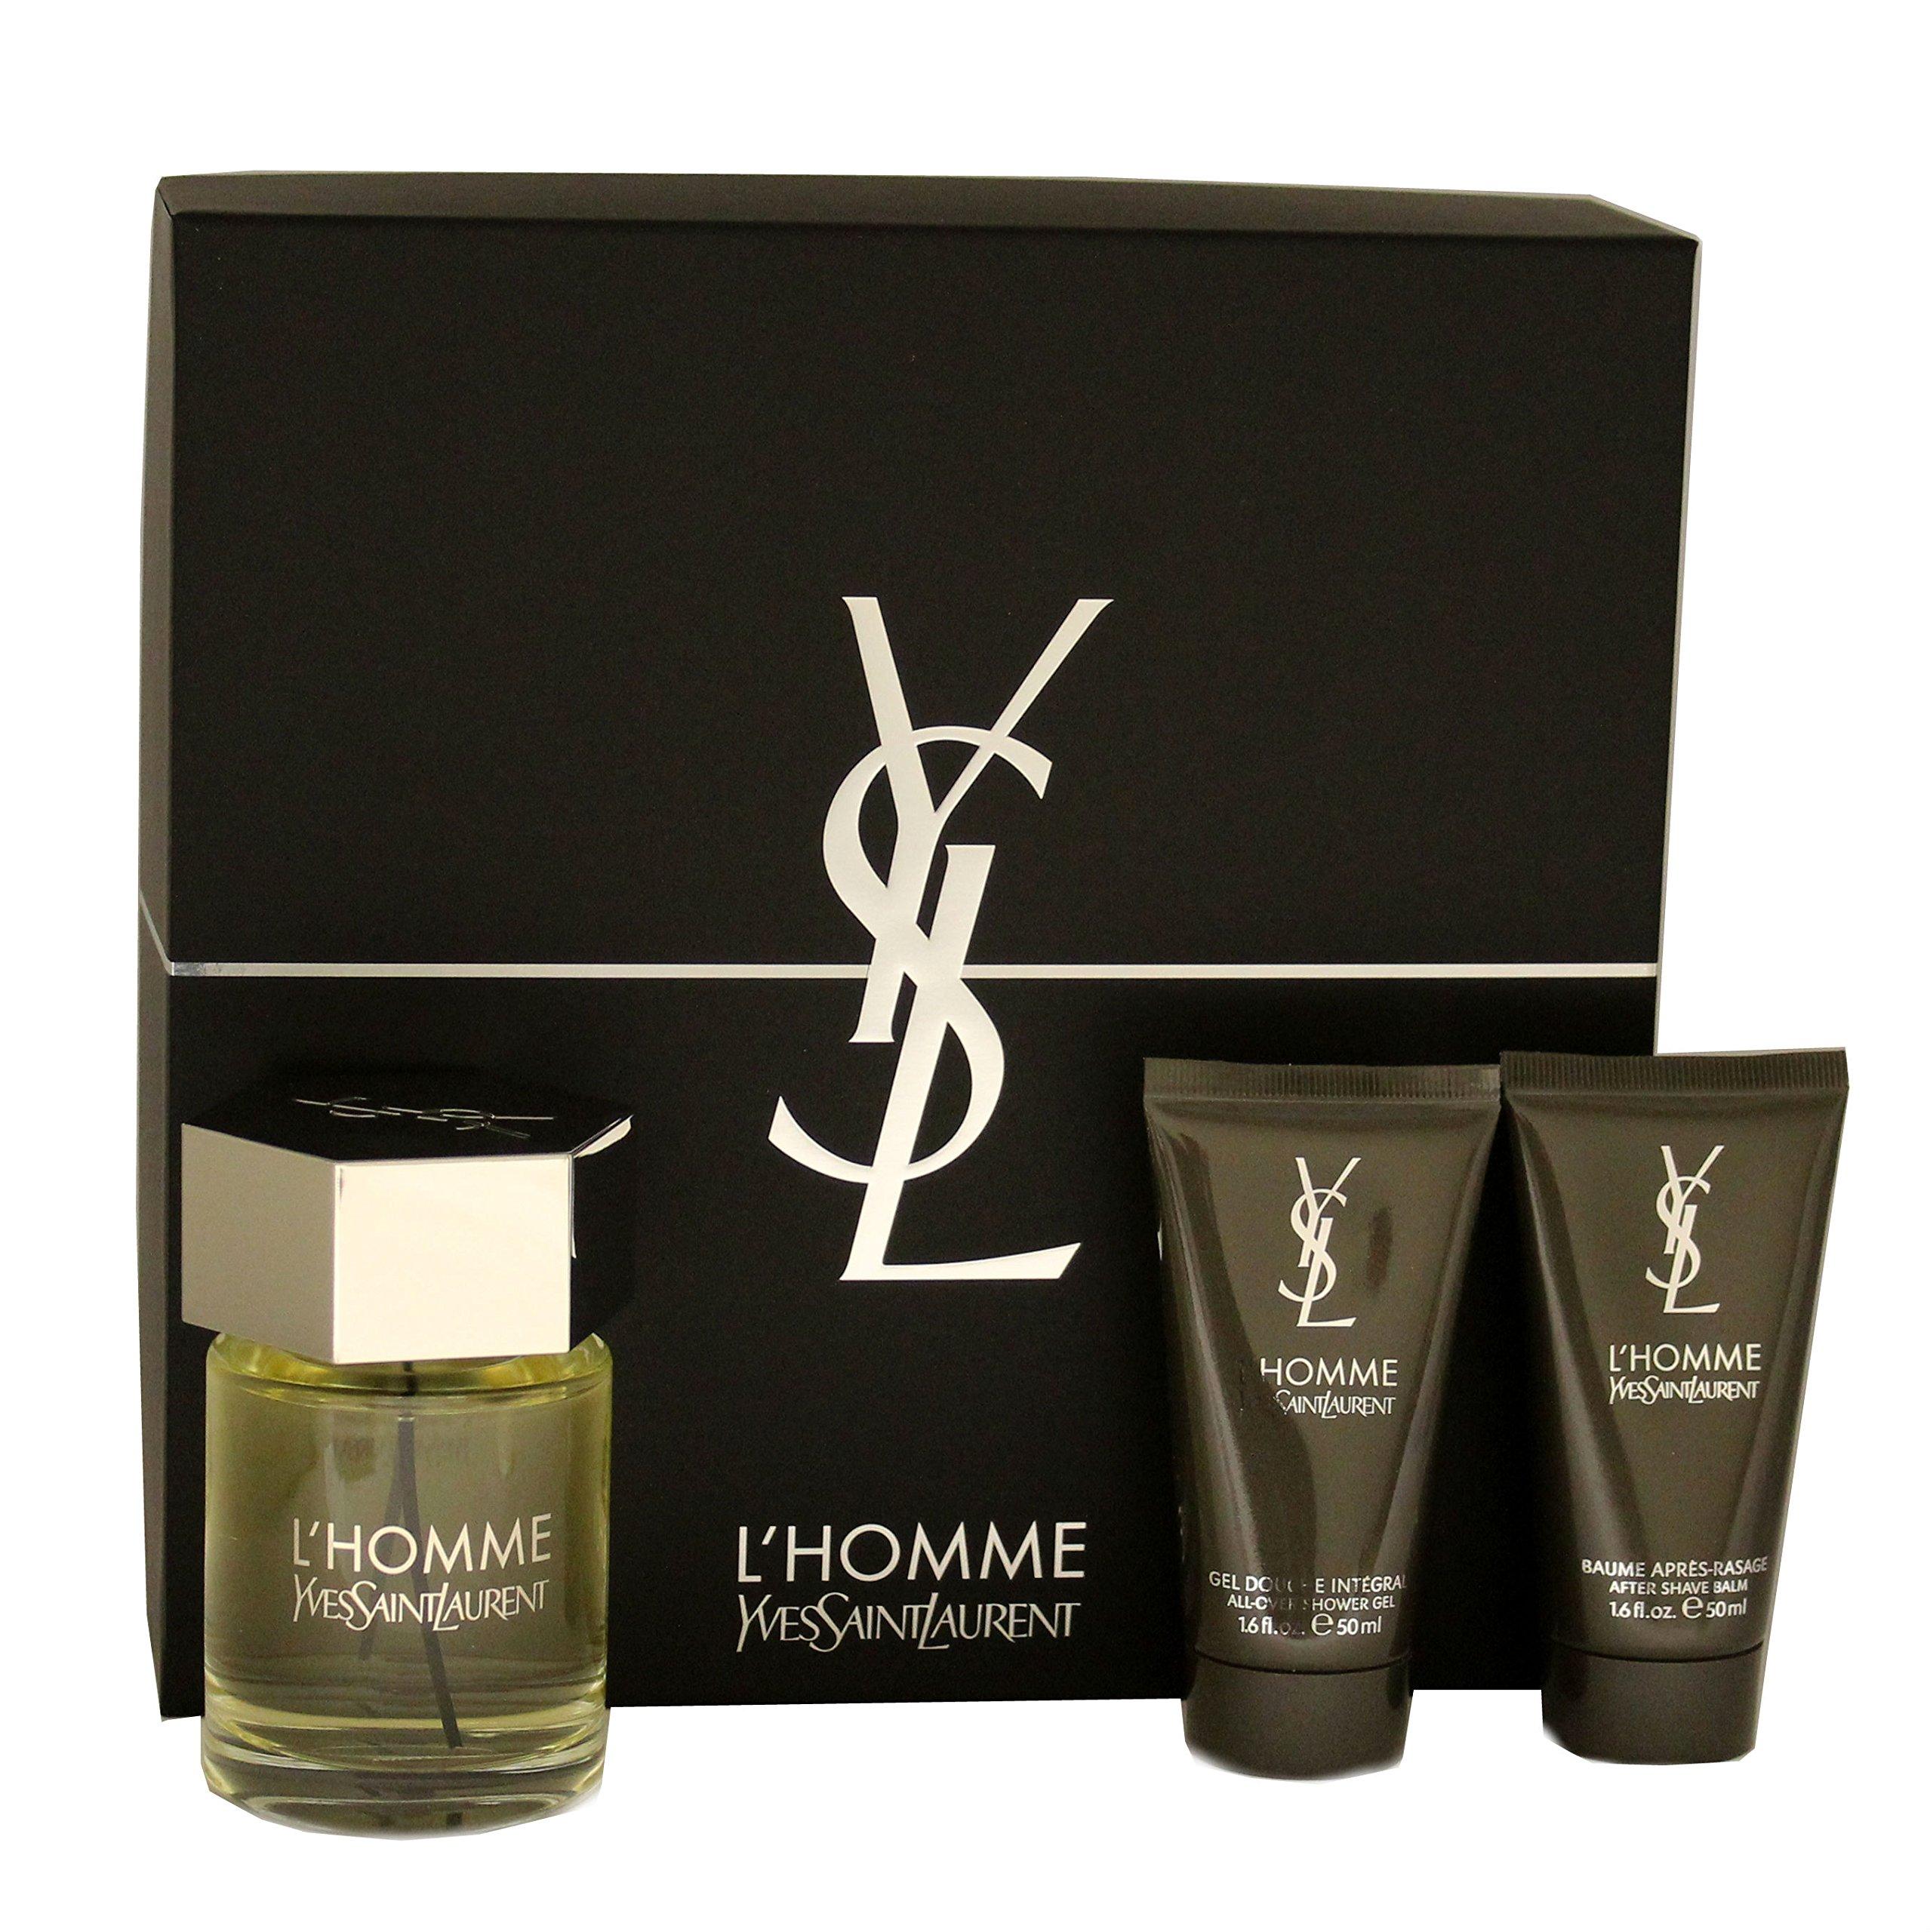 L'Homme Gift Set (3.4 EDT + 1.6 Shower Gel + 1.6 After Shave Balm)